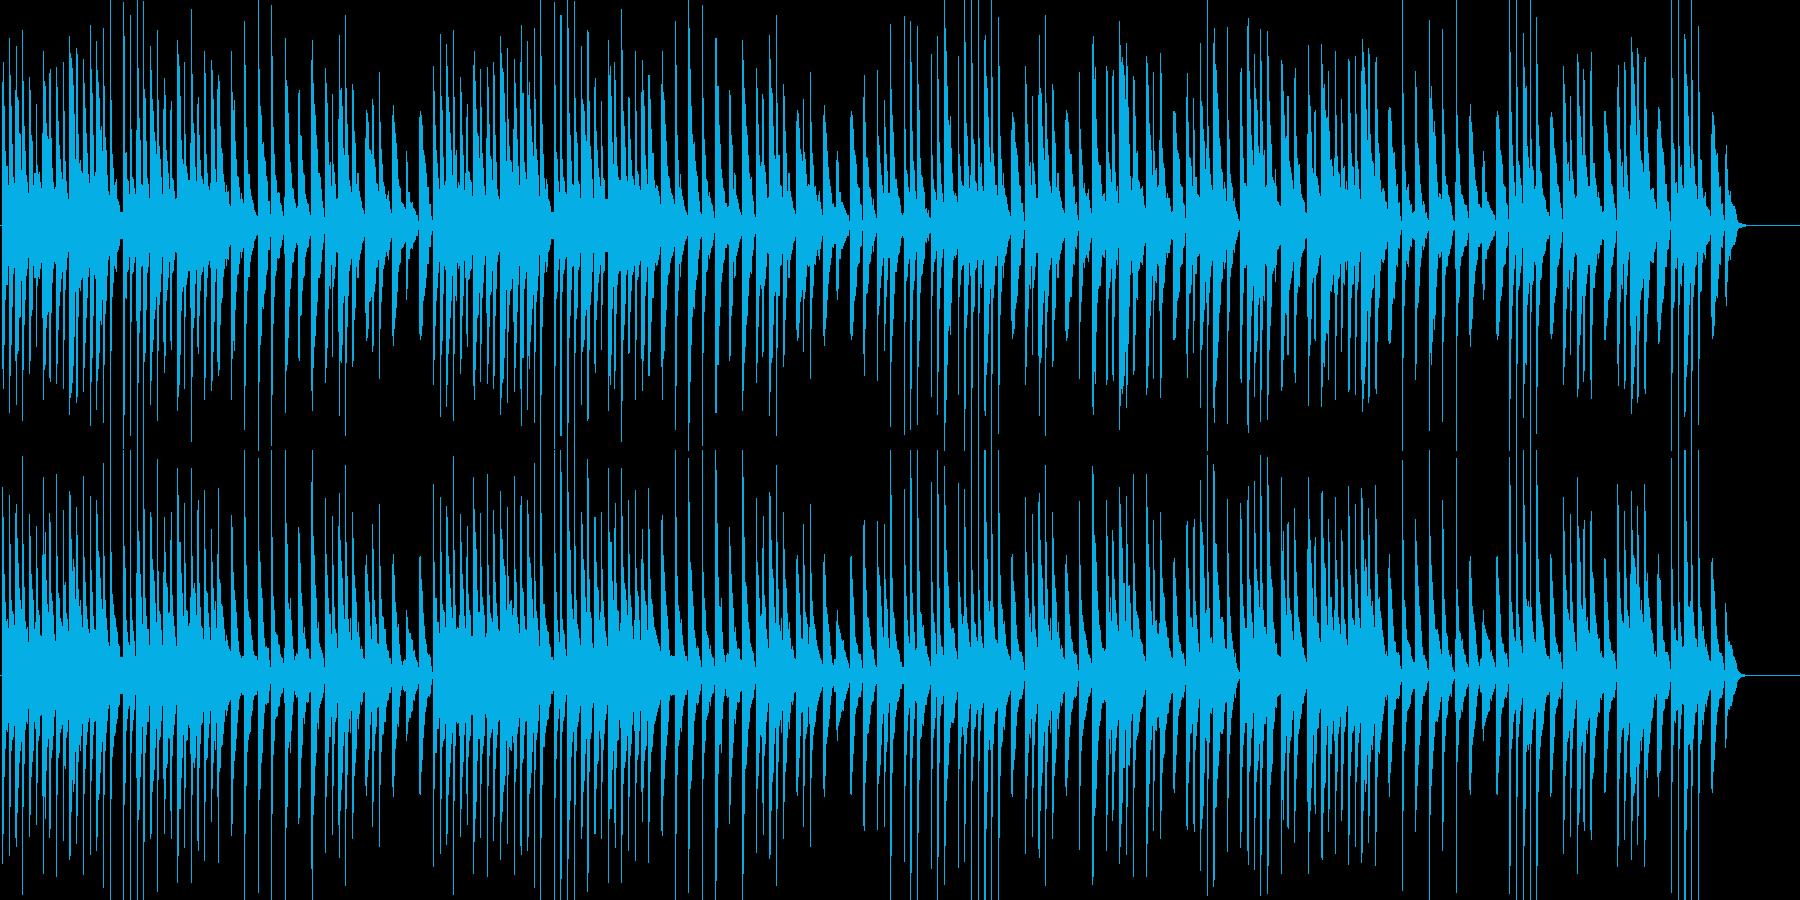 和楽器を使ったほのぼのとしたBGMの再生済みの波形